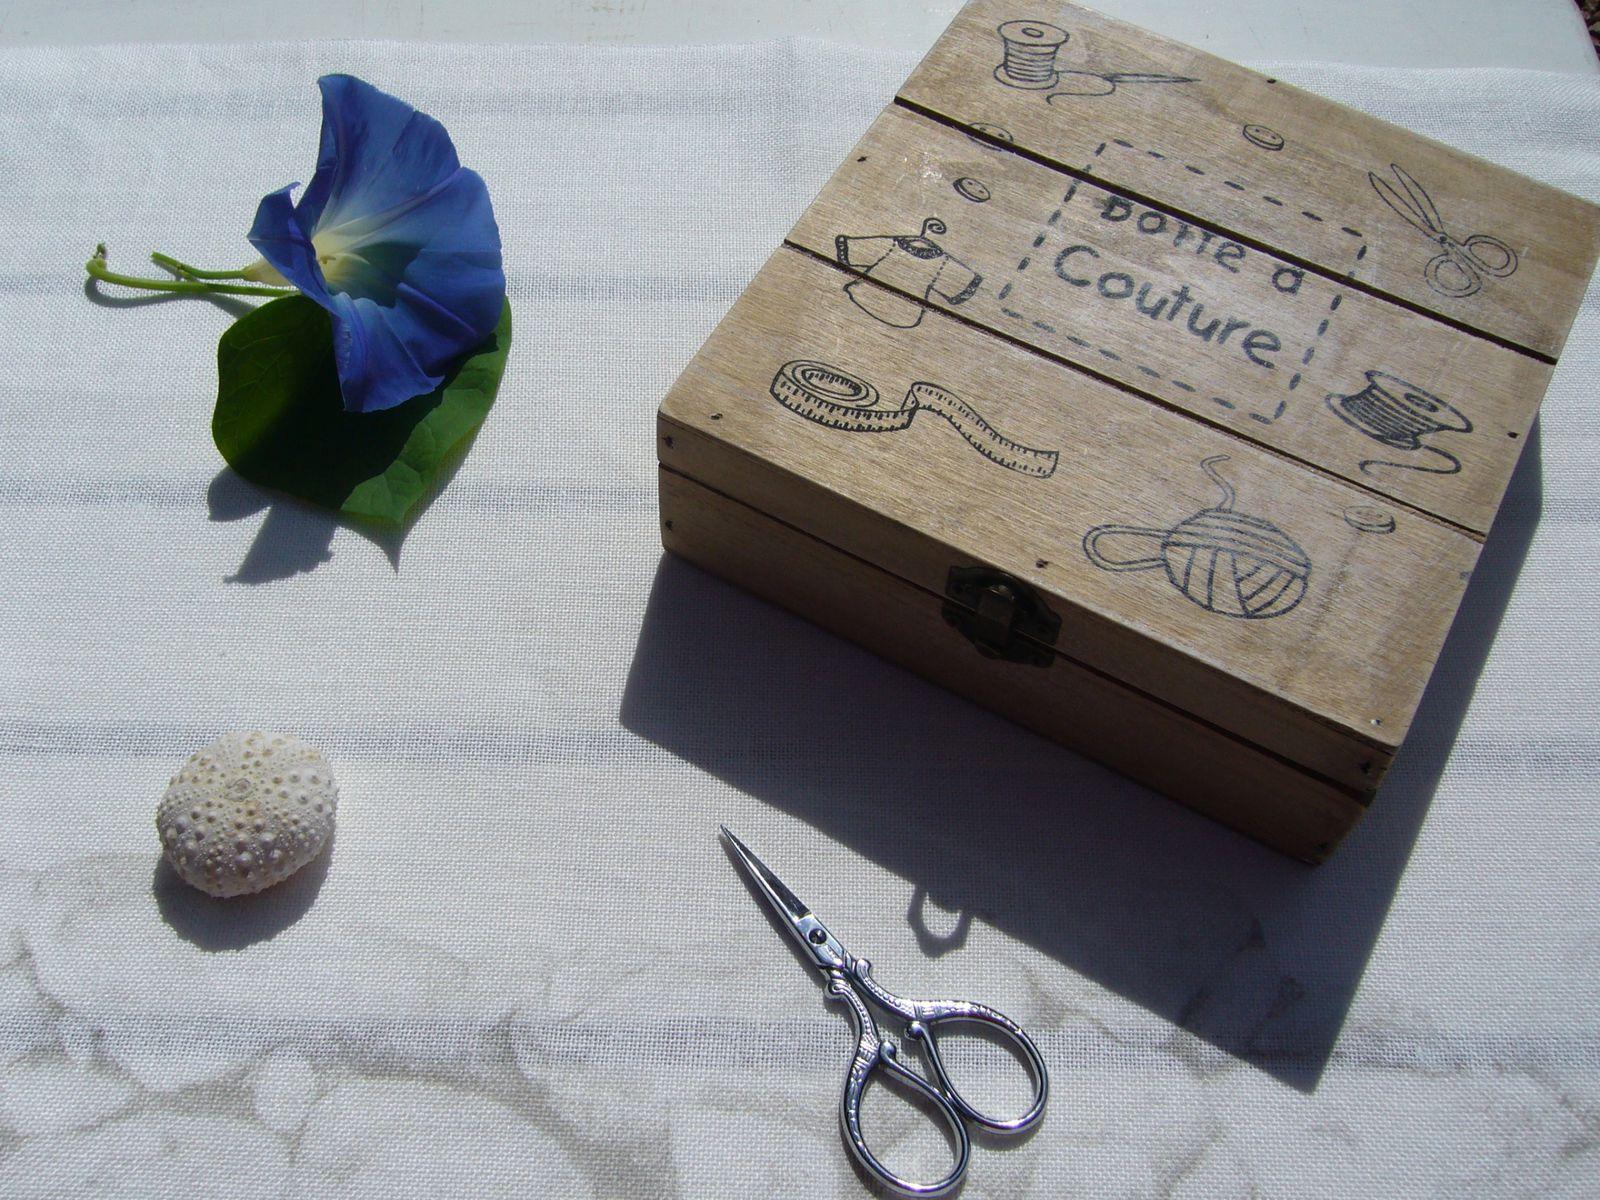 Boite couture le blog d 39 aur le for Acheter une boite a couture